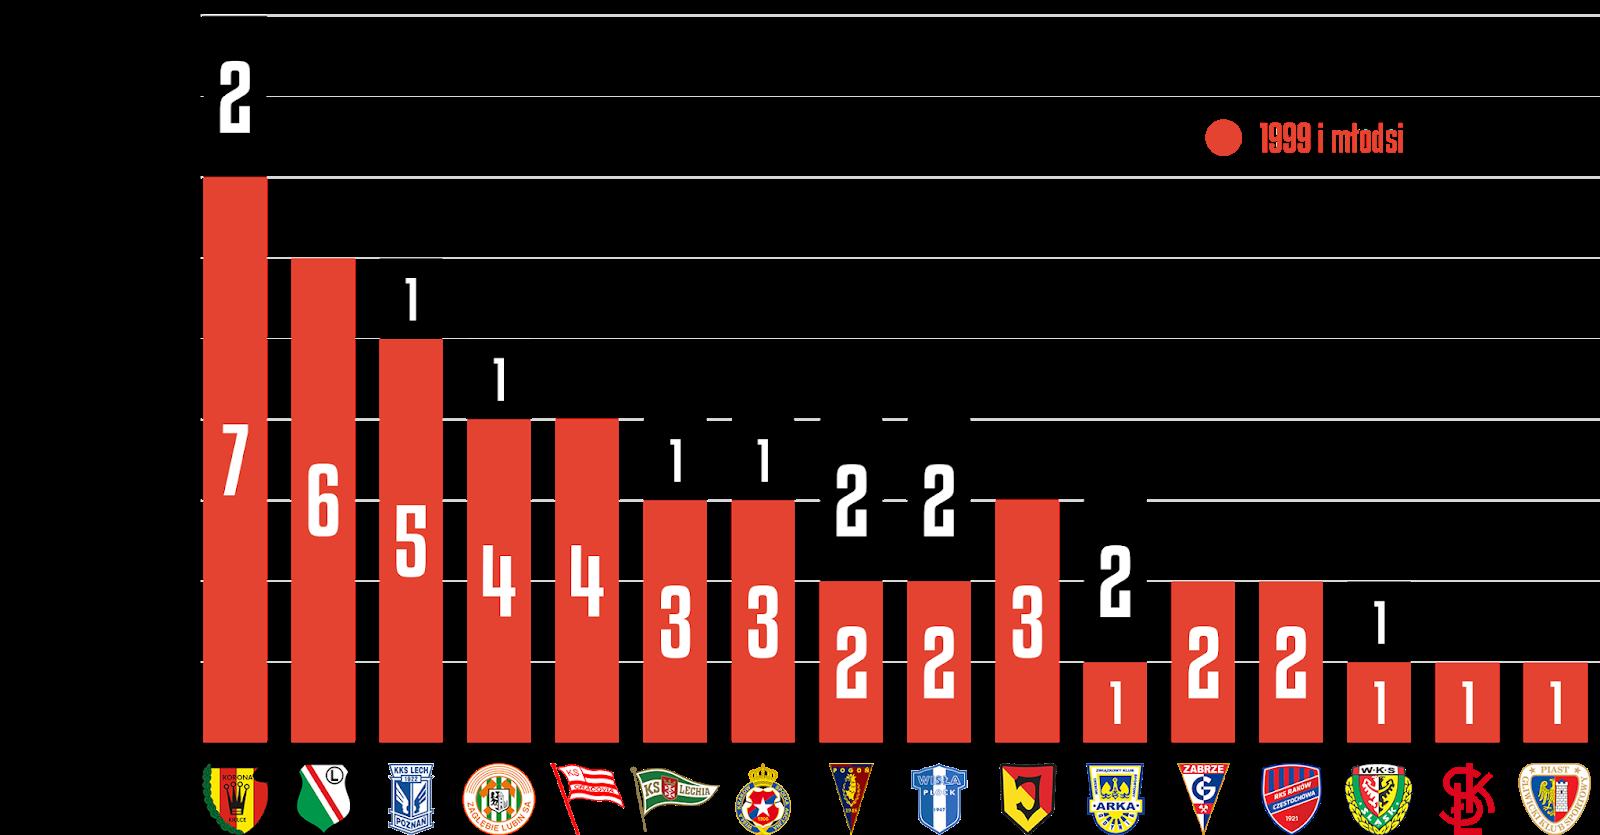 Młodzieżowcy w 36. kolejce PKO Ekstraklasy<br><br>Źródło: Opracowanie własne na podstawie ekstrastats.pl<br><br>graf. Bartosz Urban